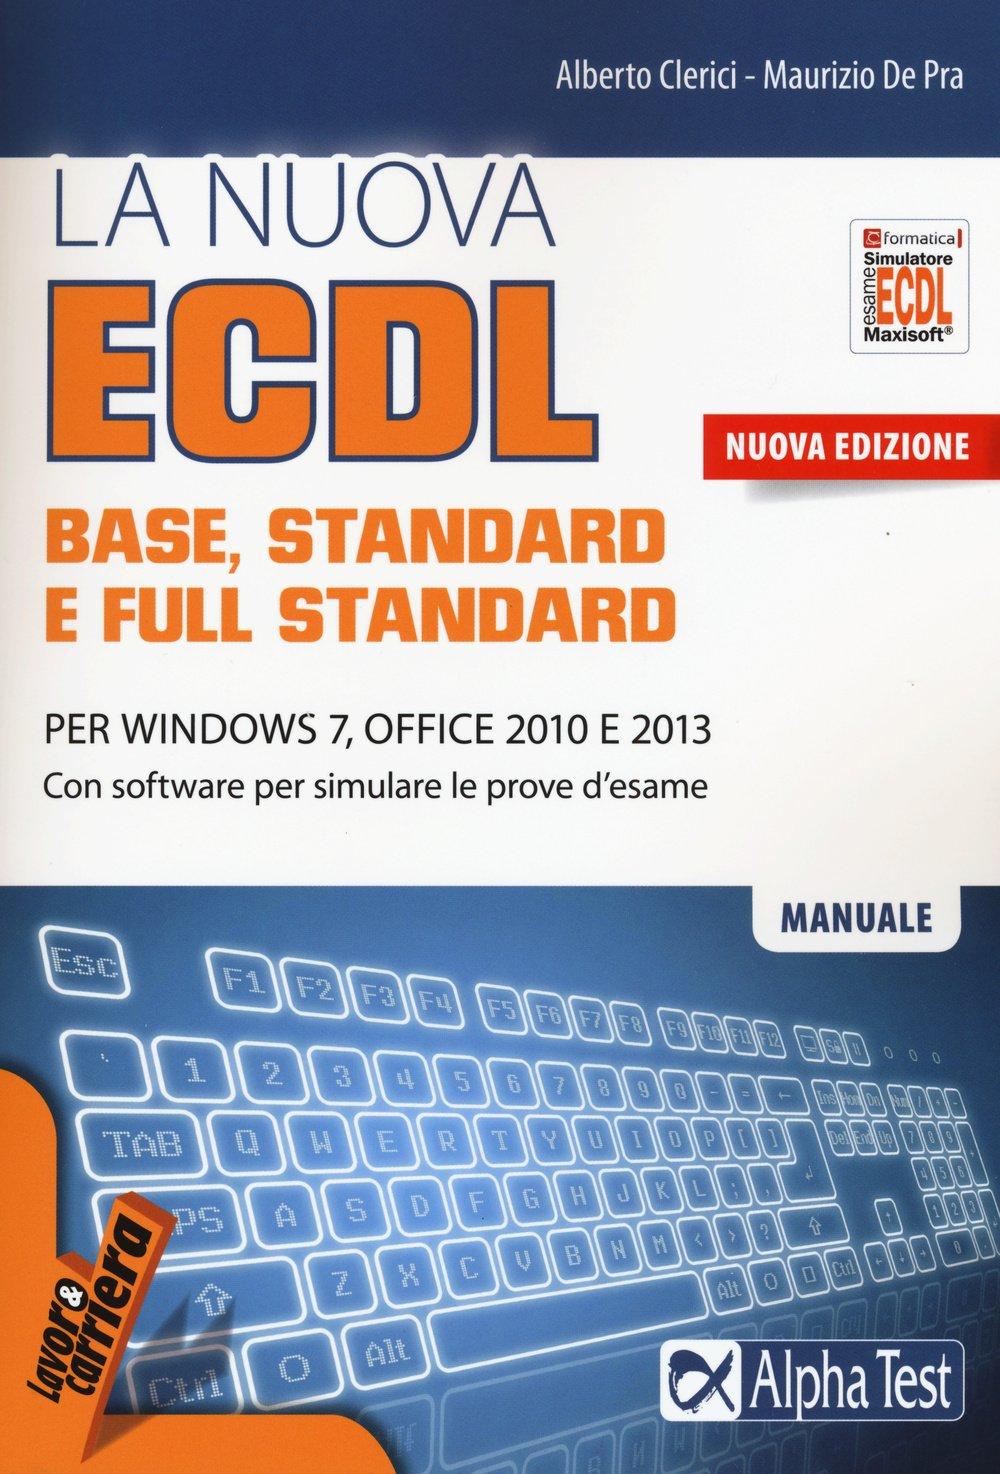 La nuova ECDL base, stantard e full standard. Per Windows 7, Office 2010 e 2013. Con software Copertina flessibile – 22 ott 2015 Alberto Clerici Maurizio De Pra Alpha Test 884831709X